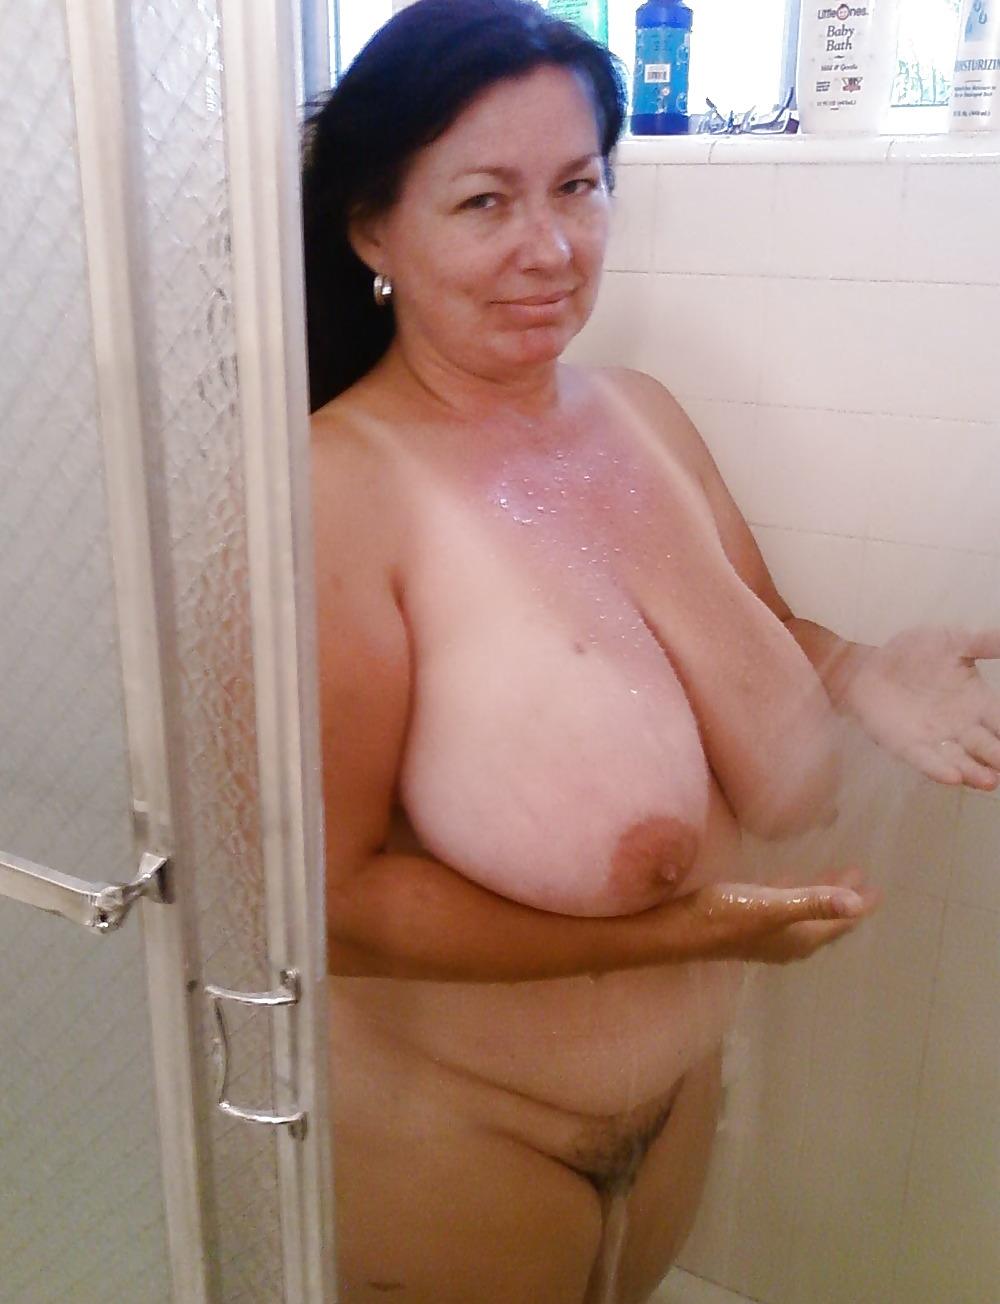 smotret-krasiviy-minet-seks-video-onlayn